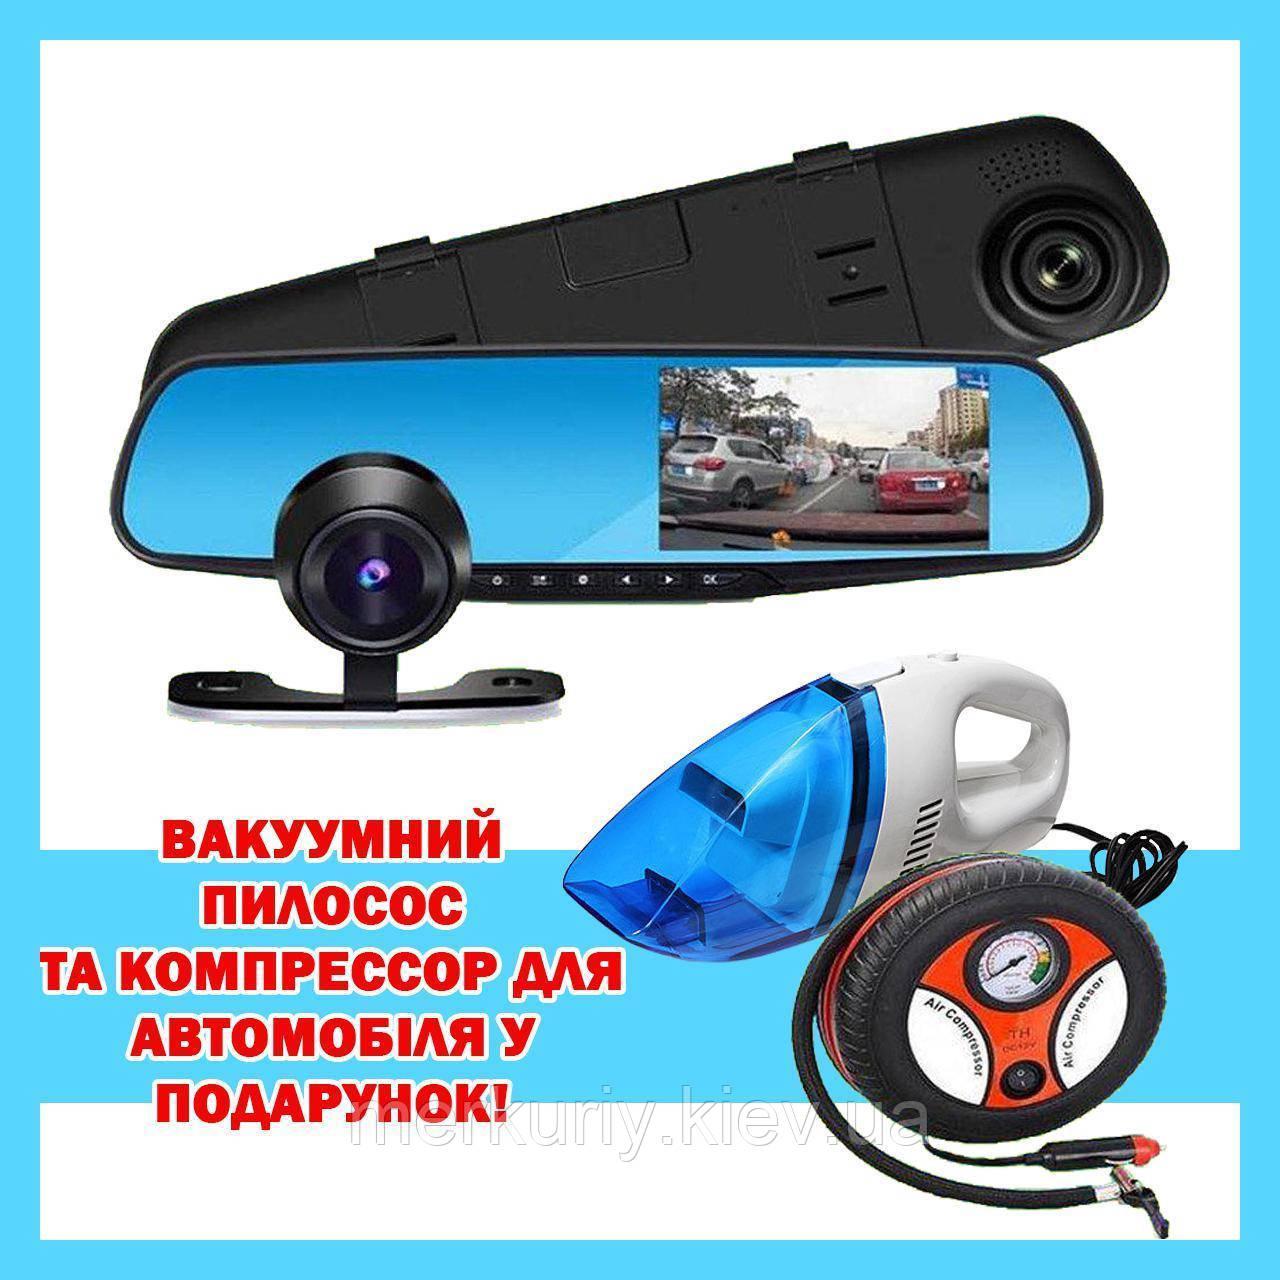 Зеркало видеорегистратор 2 две камеры заднего вида, регистратор автомобильный.